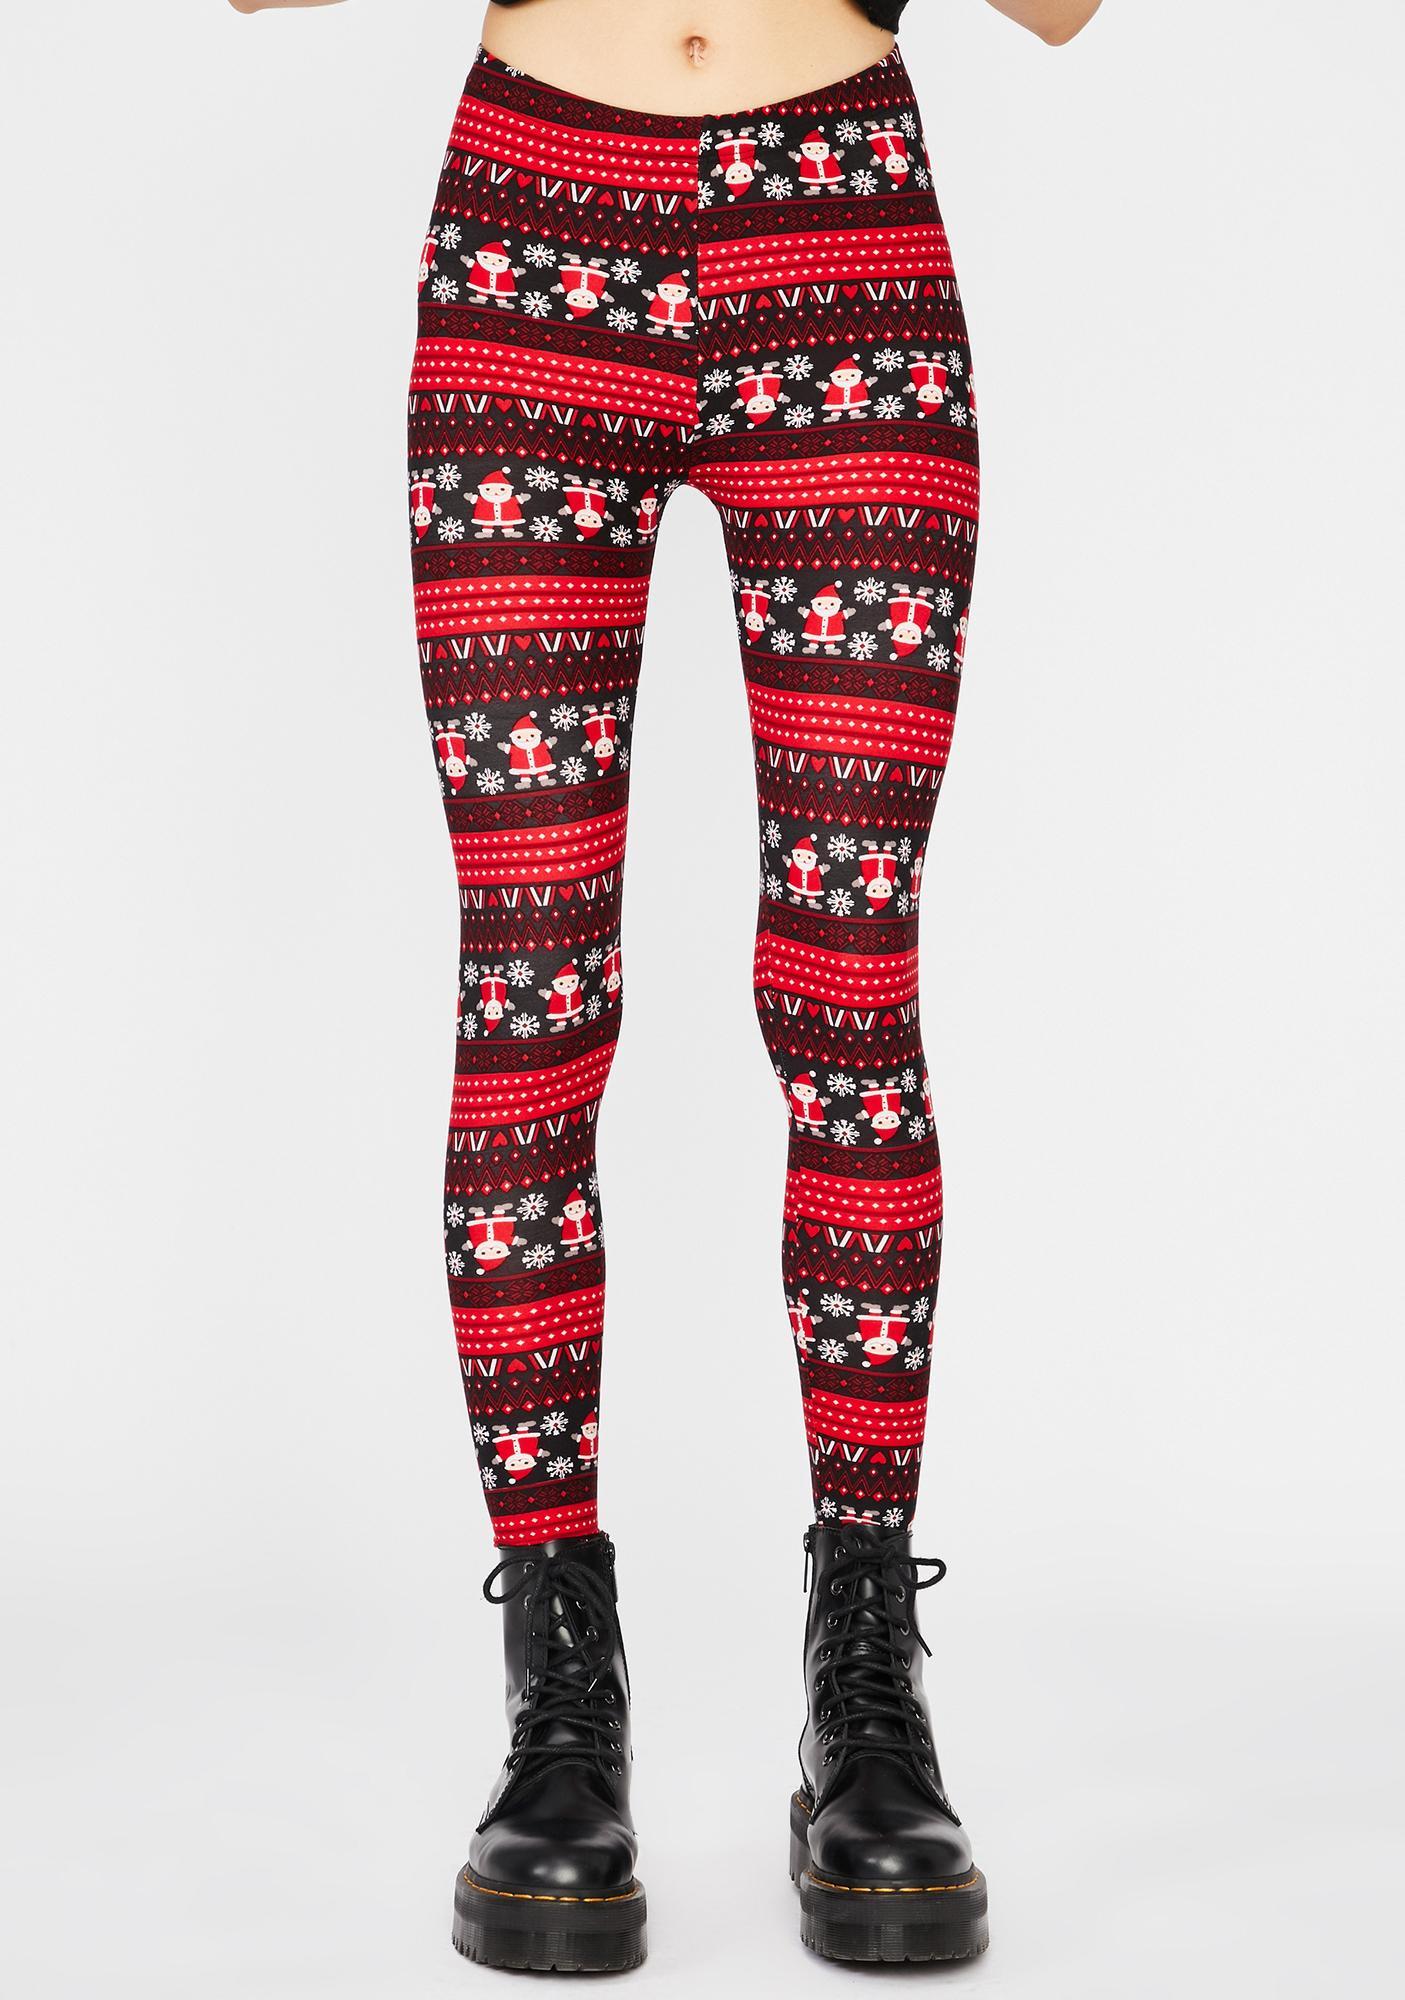 Here Comes Santa Printed Leggings